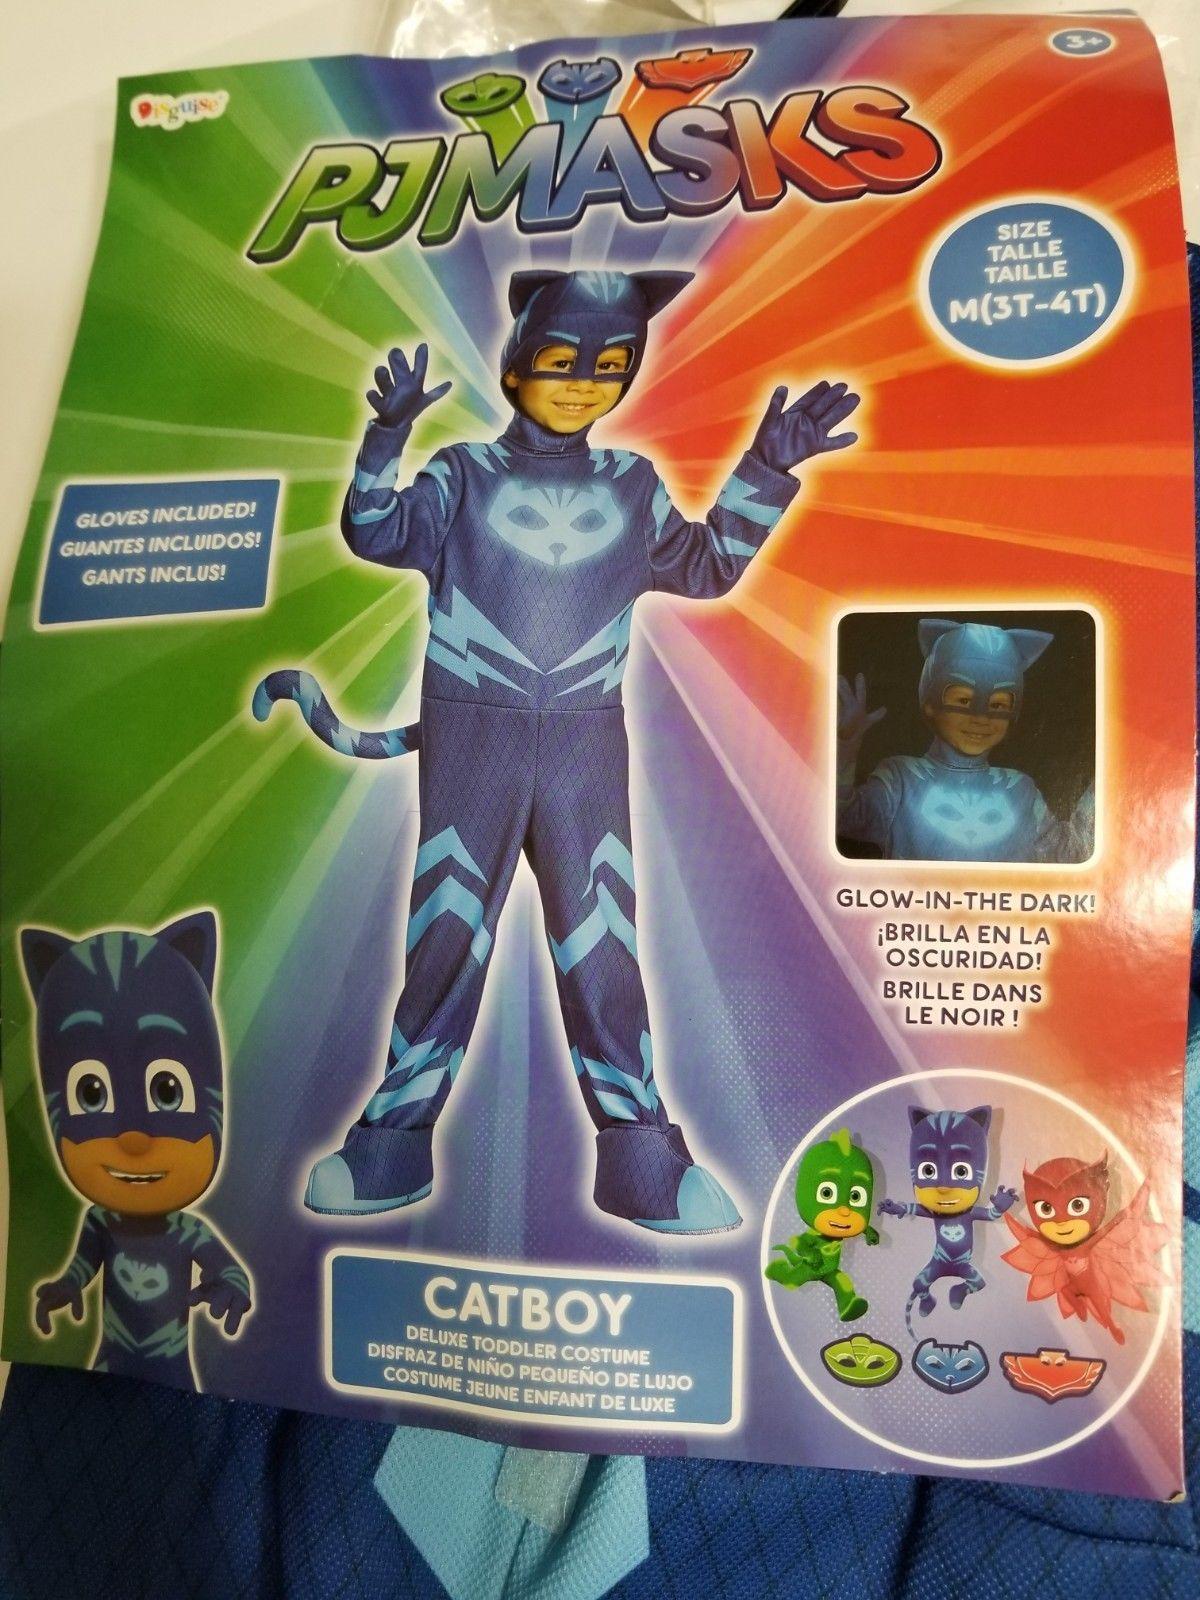 Catboy Classic Toddler PJ Masks Costume Medium//3T-4T